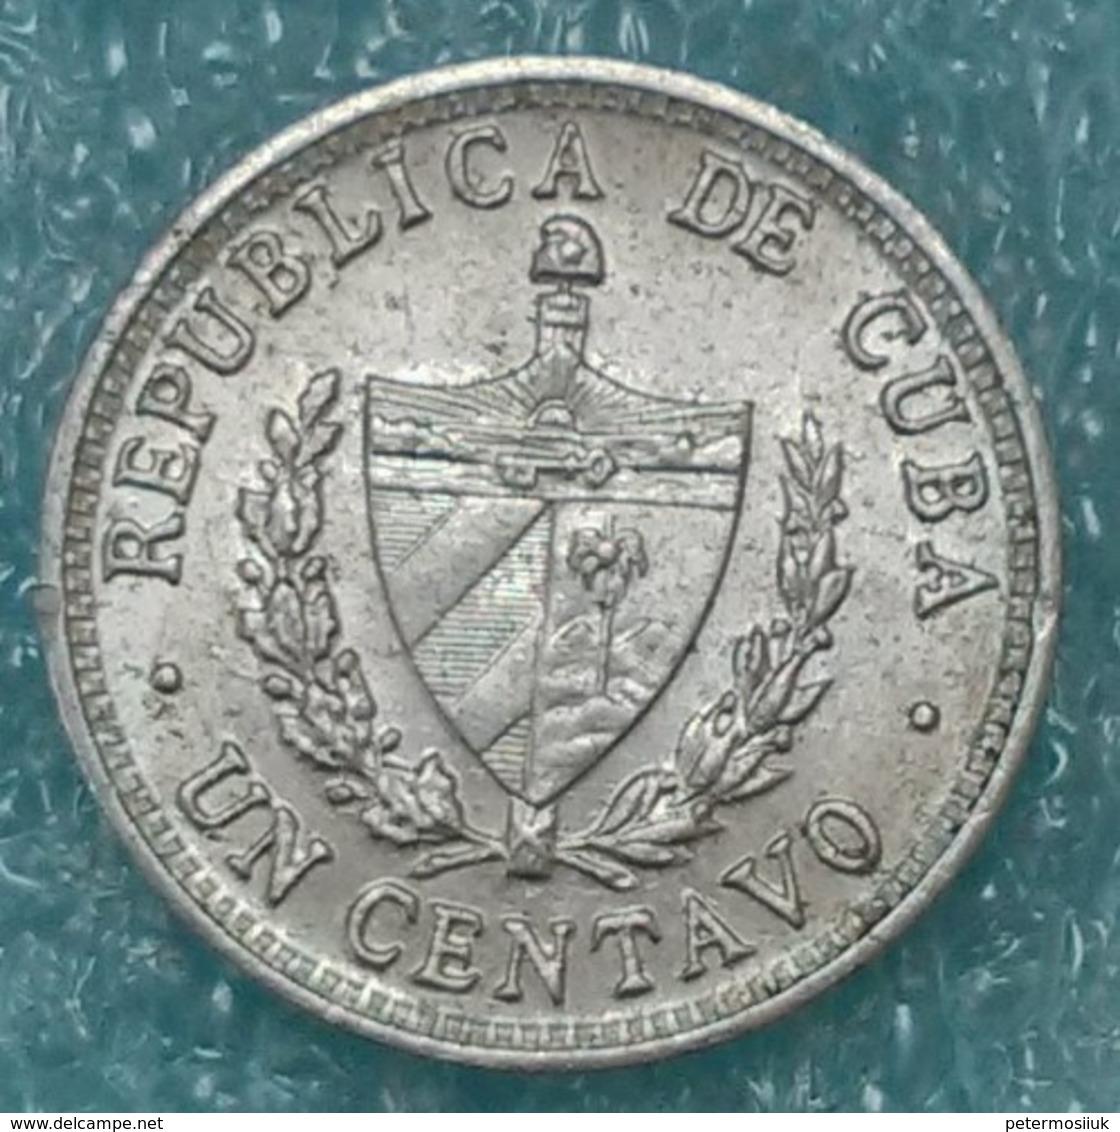 Cuba 1 Centavo, 1969 -1655 - Cuba